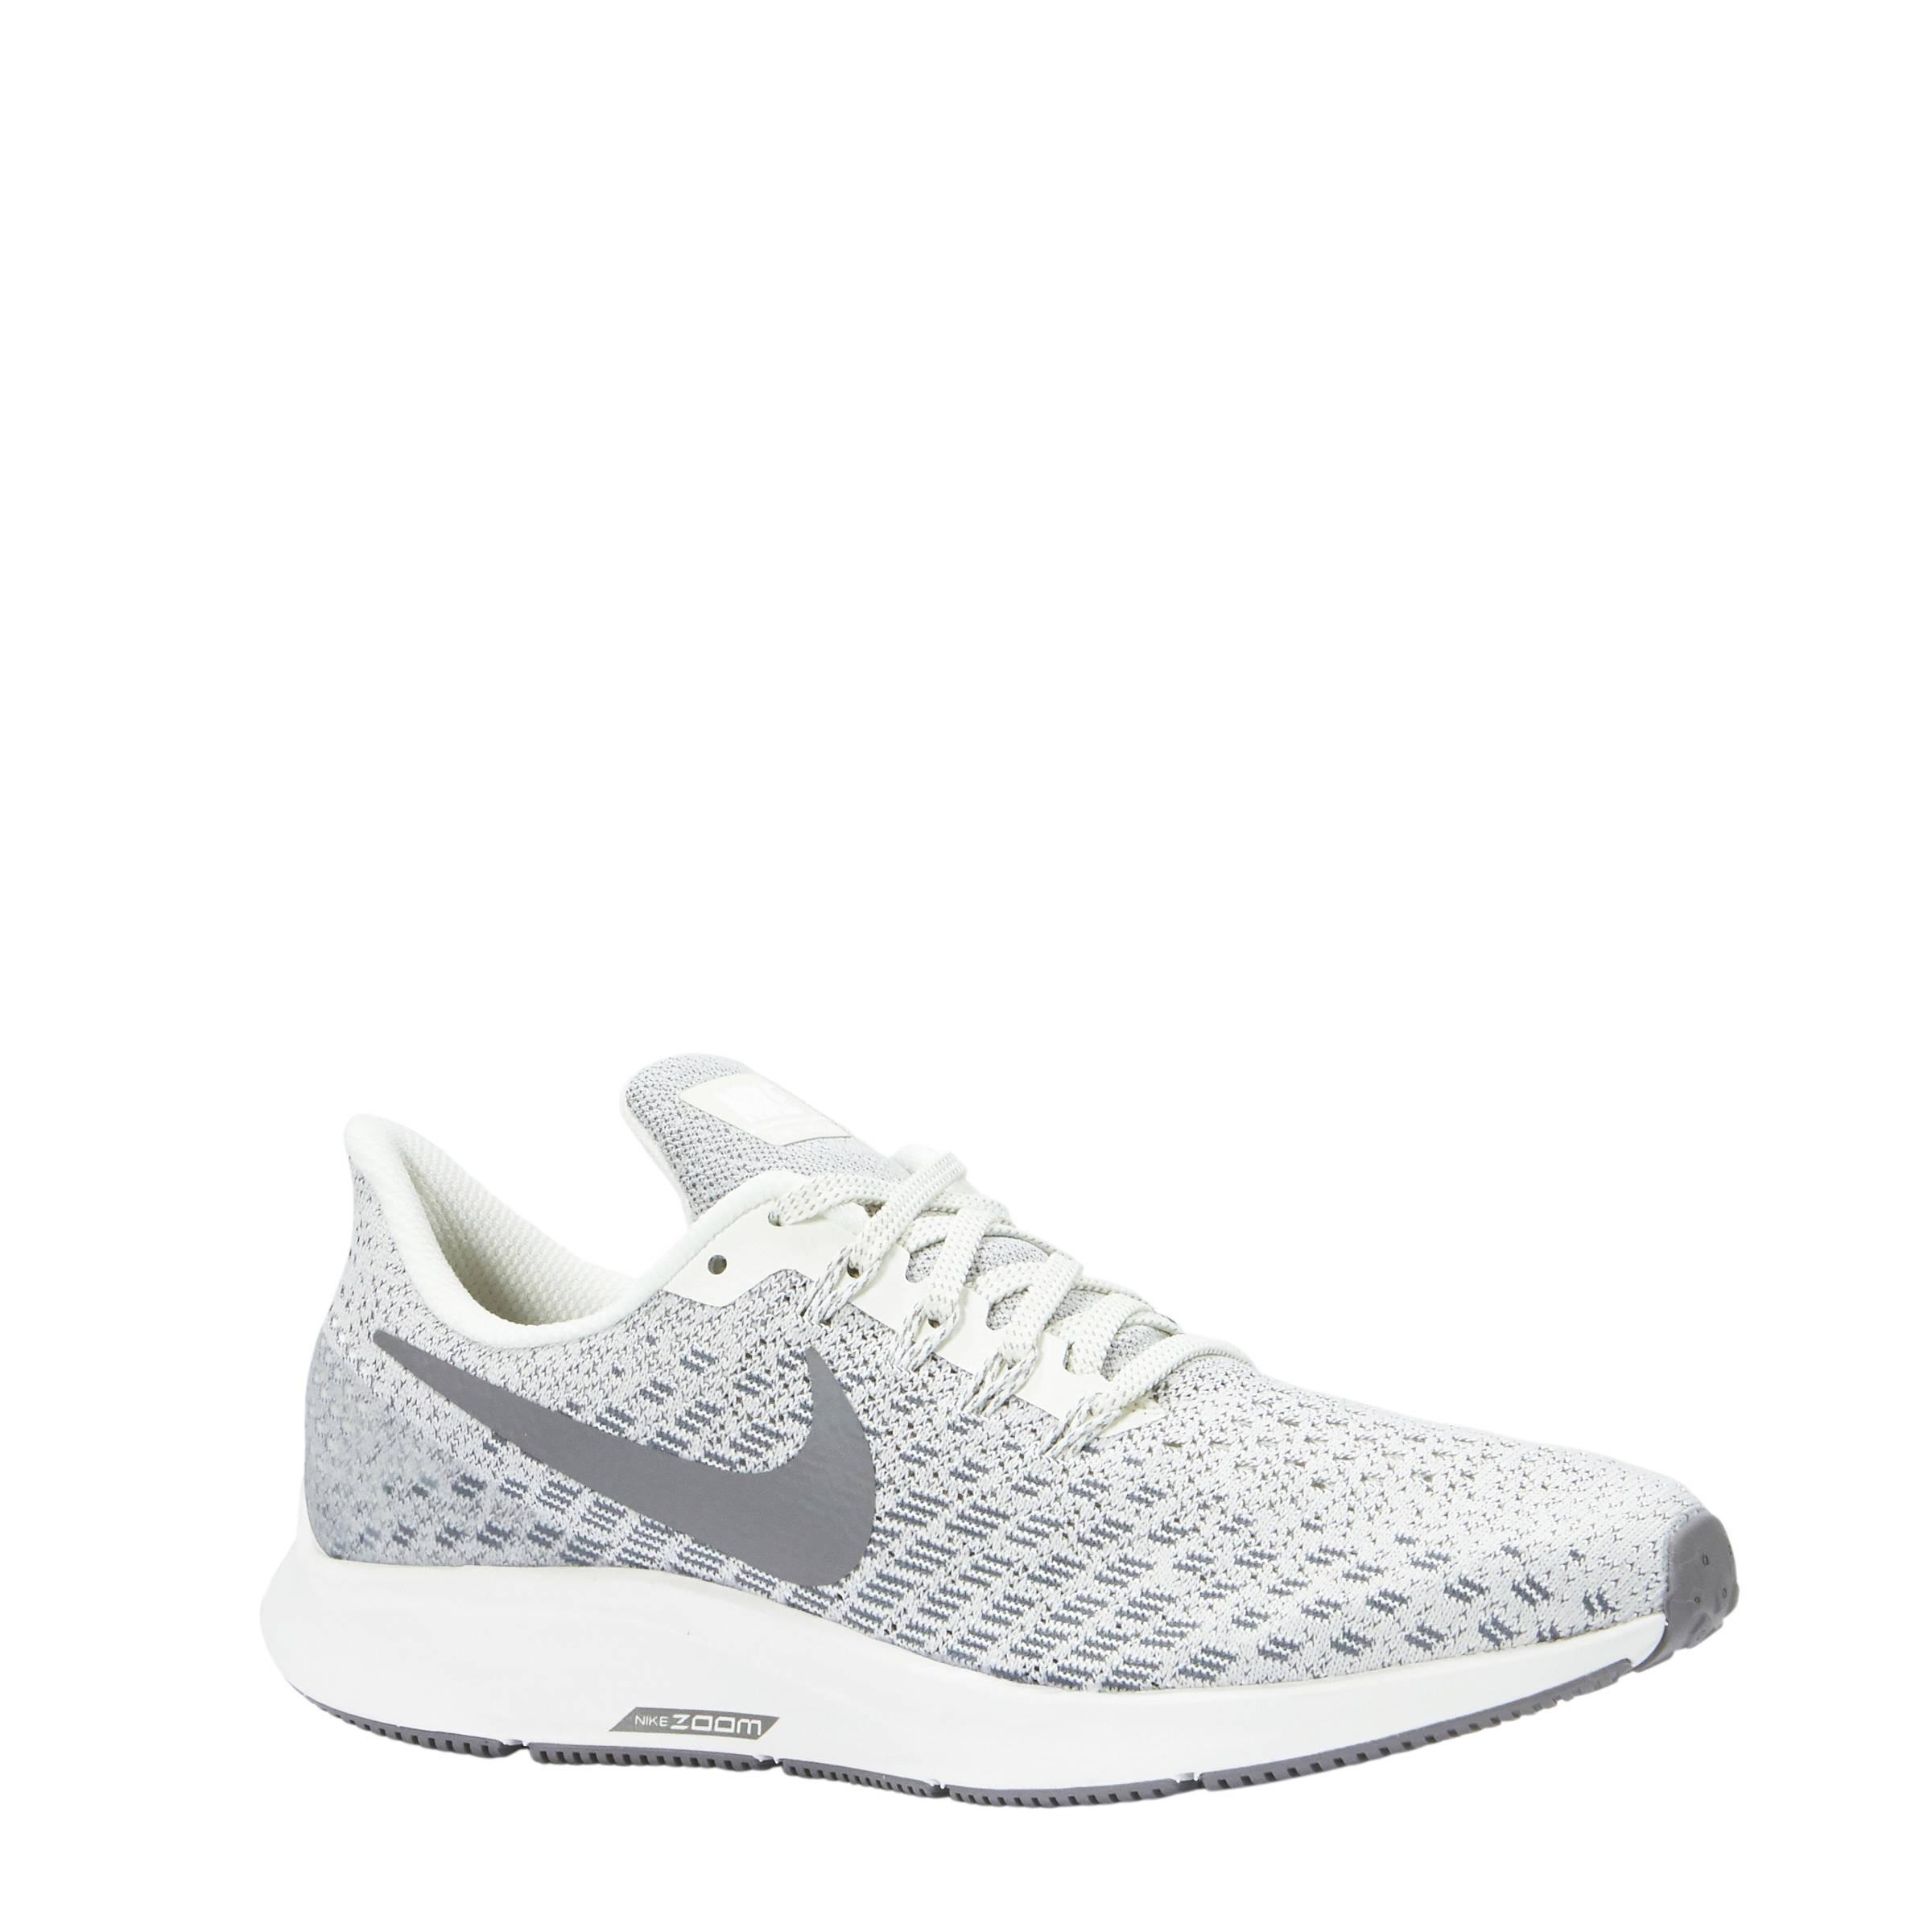 Nike hardloopschoenen Air Zoom Pegasus 35 | wehkamp